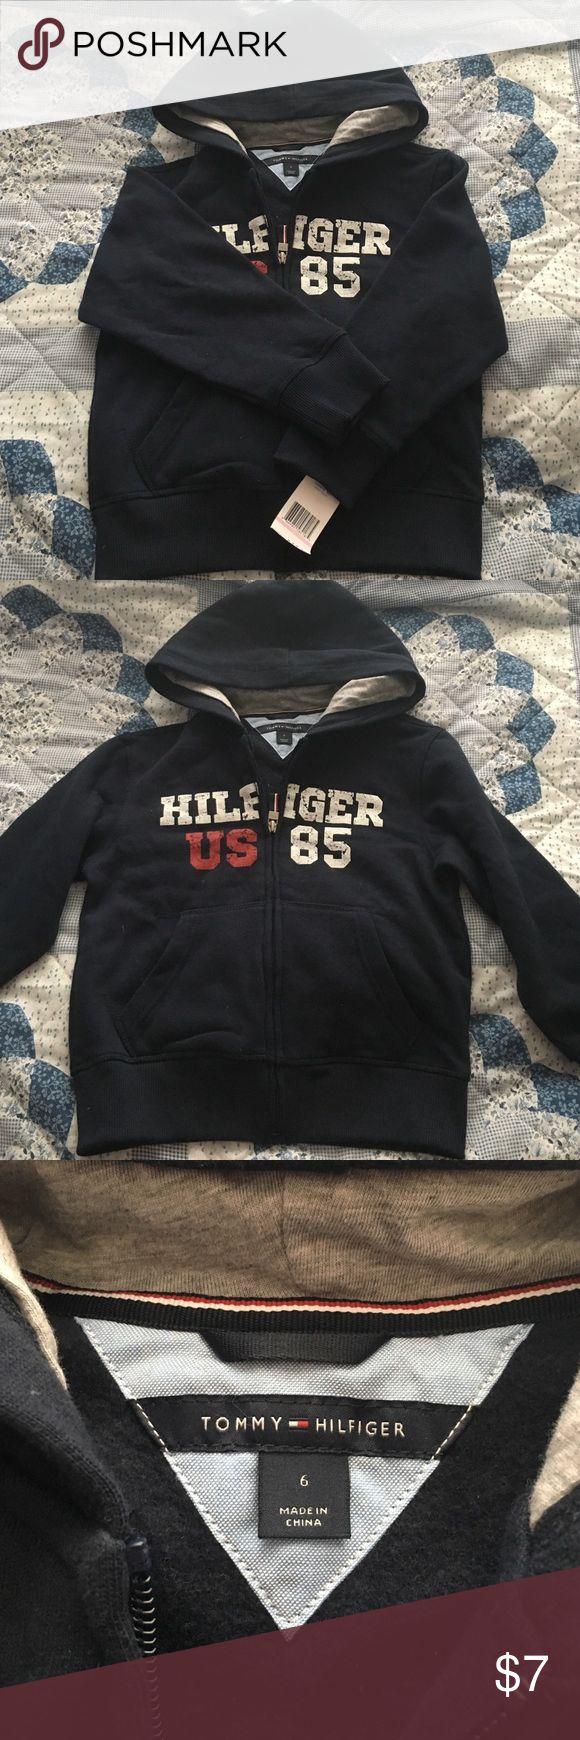 Timmy Hilfiger Navy Hoodie Toddler Very warm hoodie. Tommy Hilfiger Shirts & Tops Sweatshirts & Hoodies